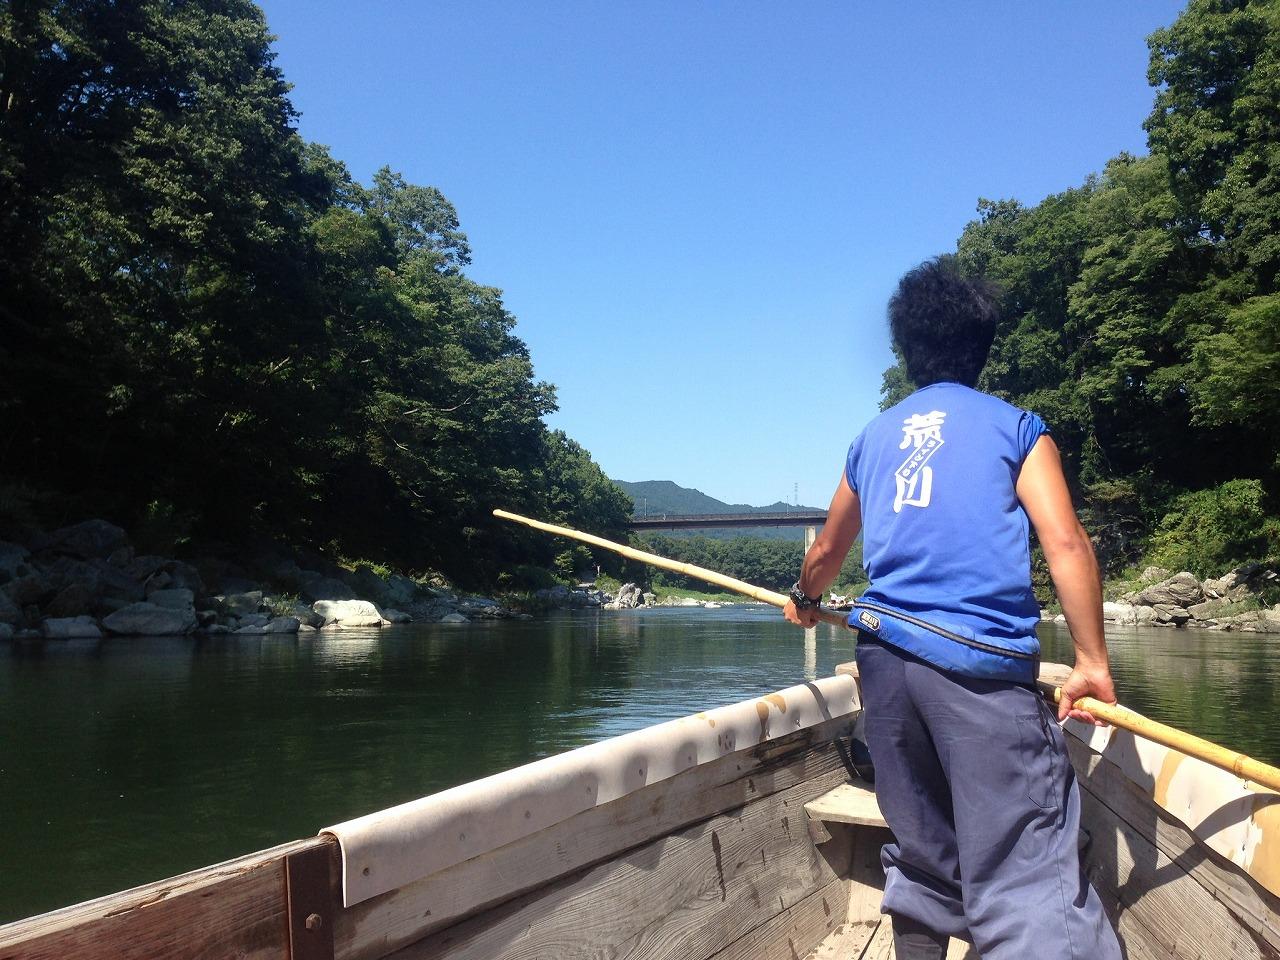 【埼玉】長瀞(ながとろ)に行ったら荒川ライン下り以外にもすべきこと3つ【秩父】